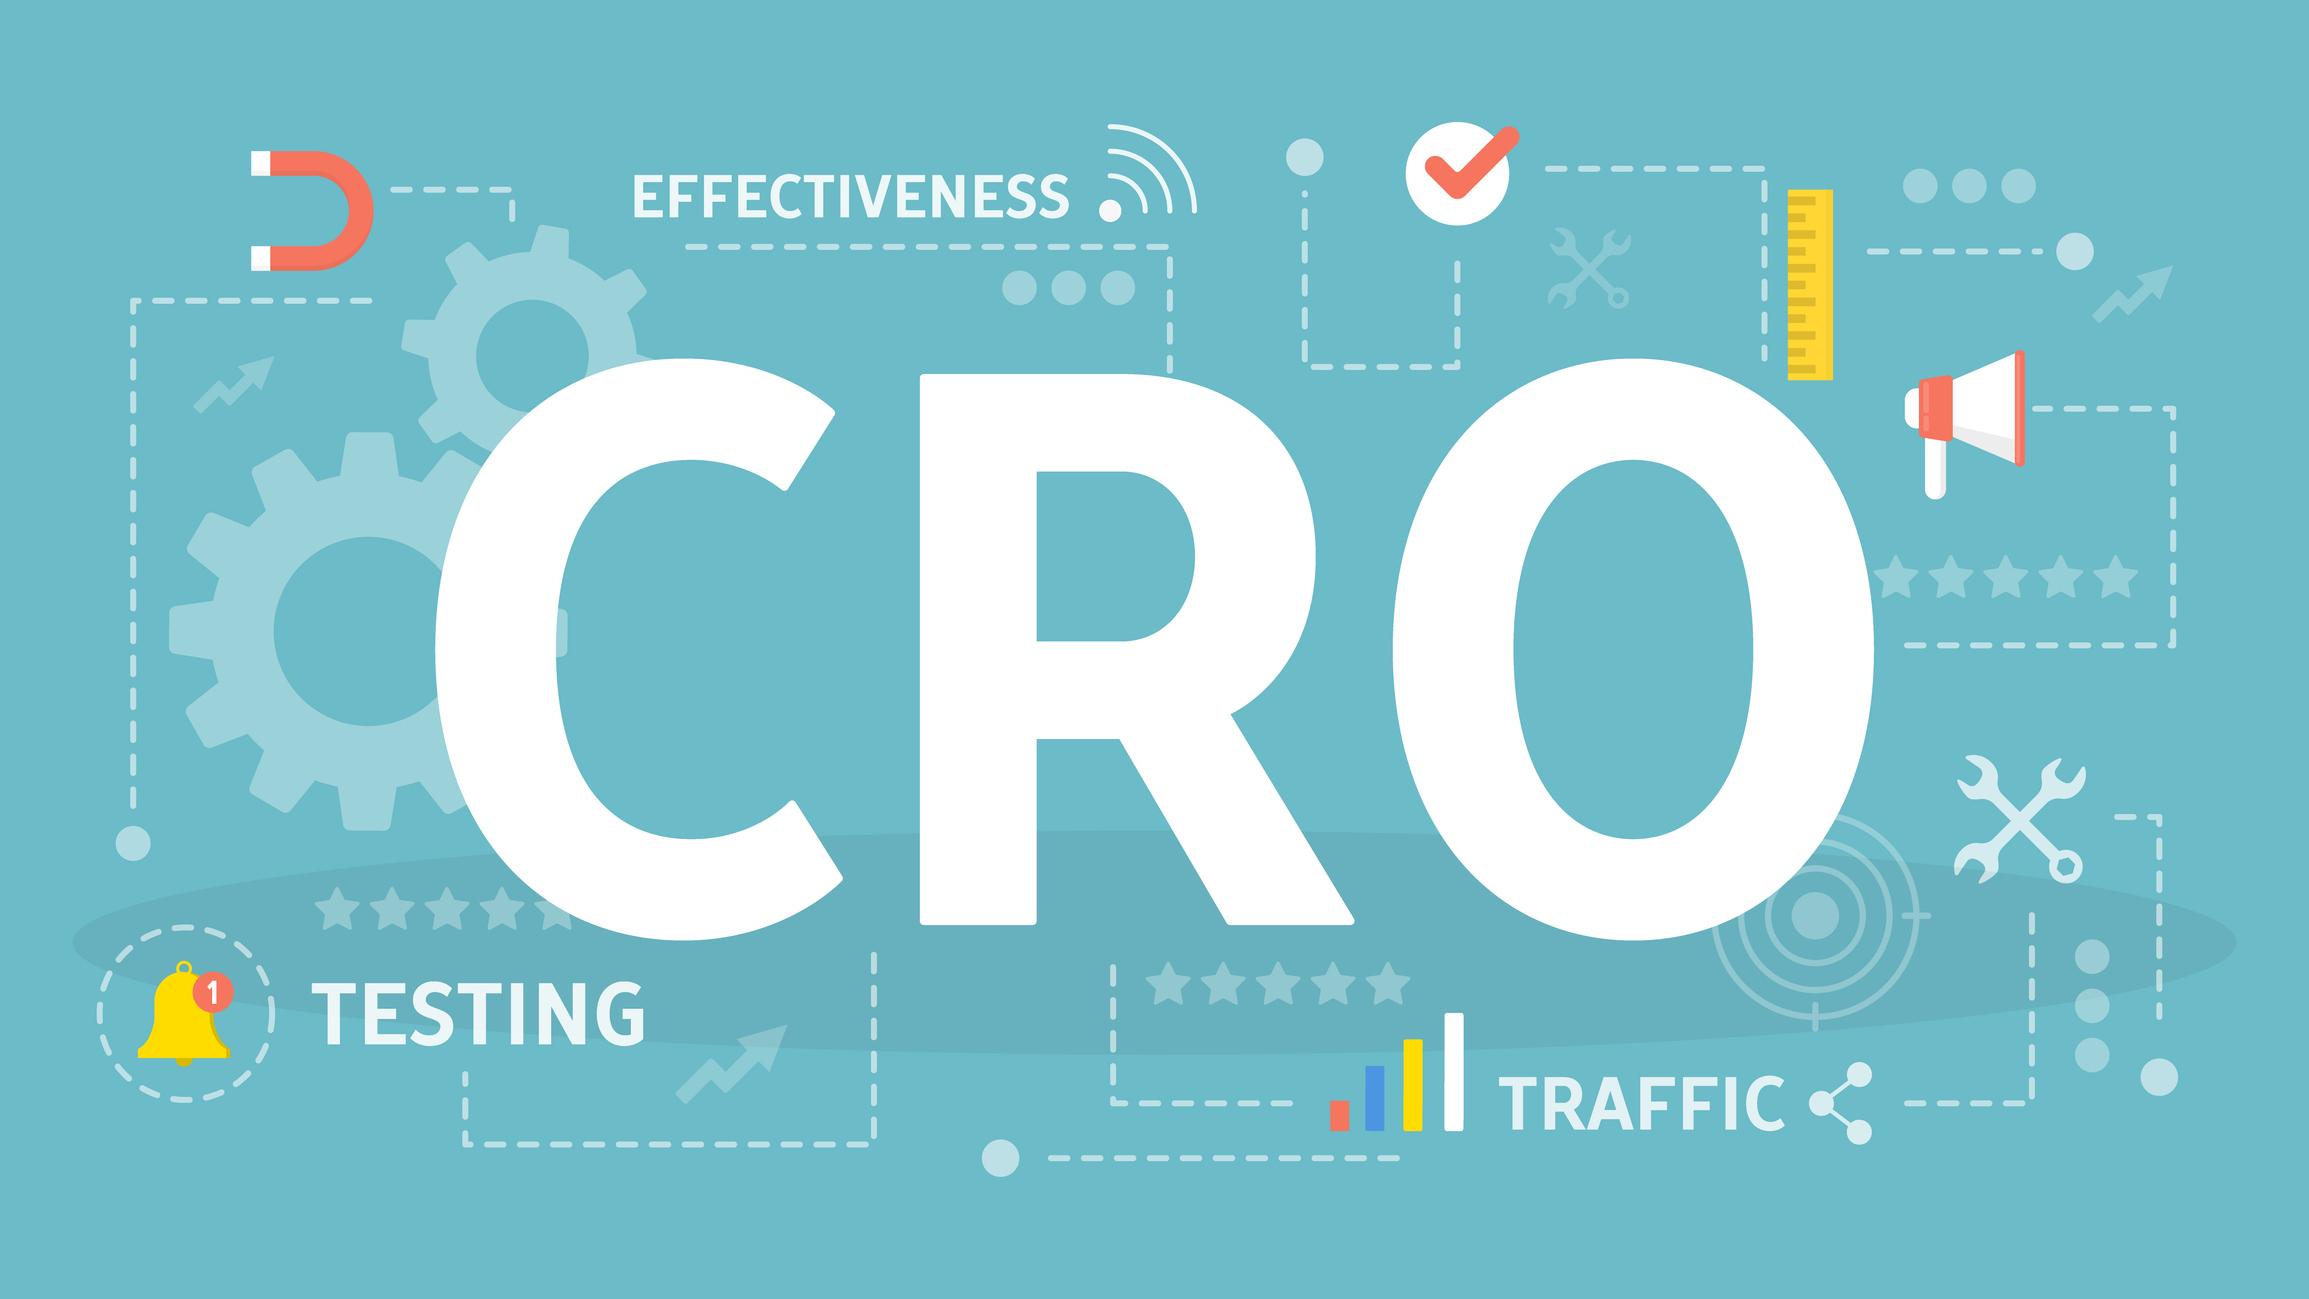 O que é CRO? Conheça sua importância e aprenda a traçar boas estratégias